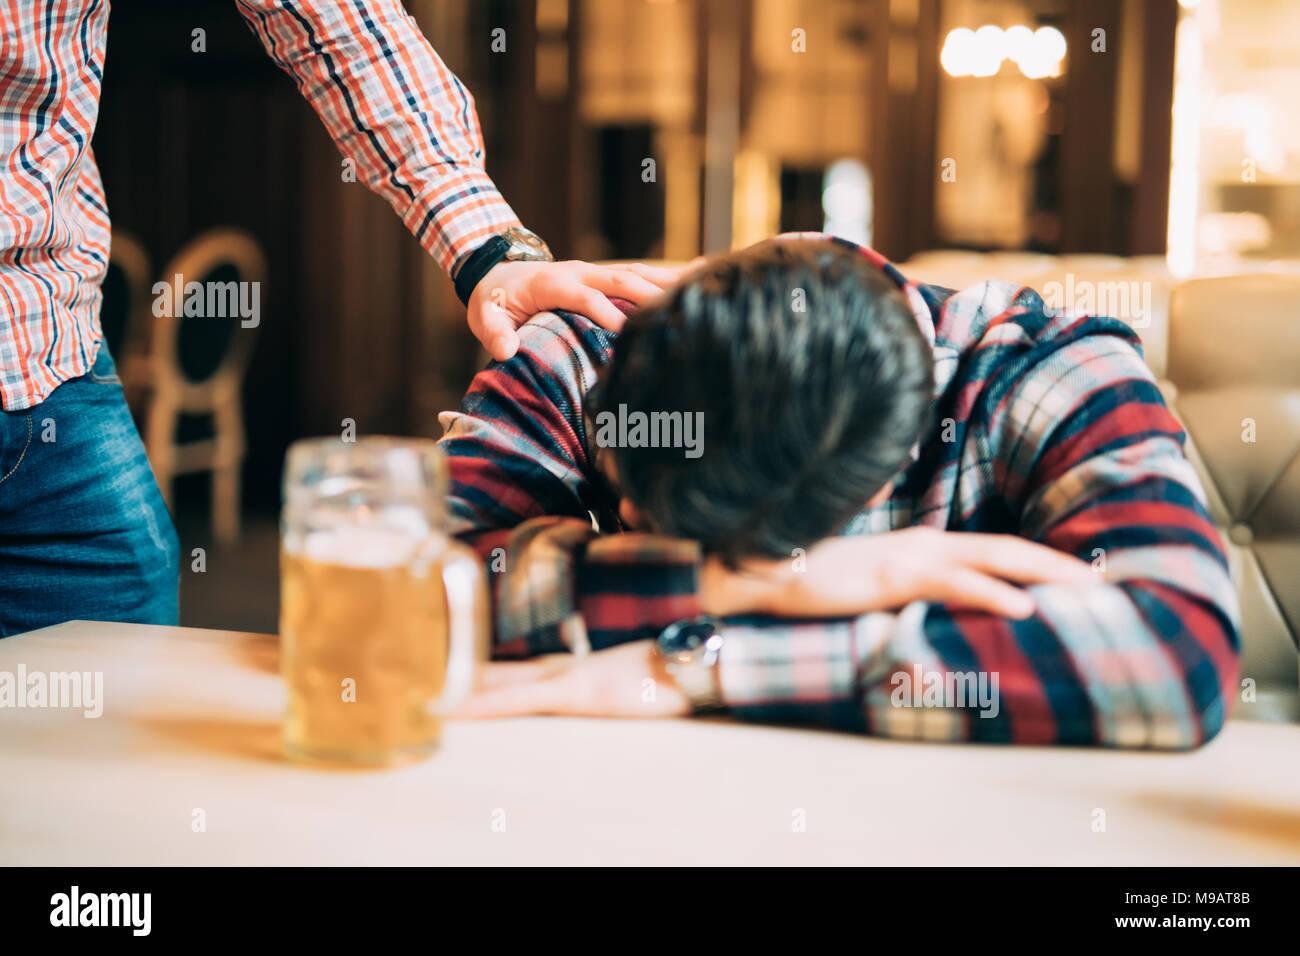 Les gens, les loisirs, l'amitié et de travail concept - man with beer se réveiller son ami ivre dormir sur table au bar ou au pub Photo Stock